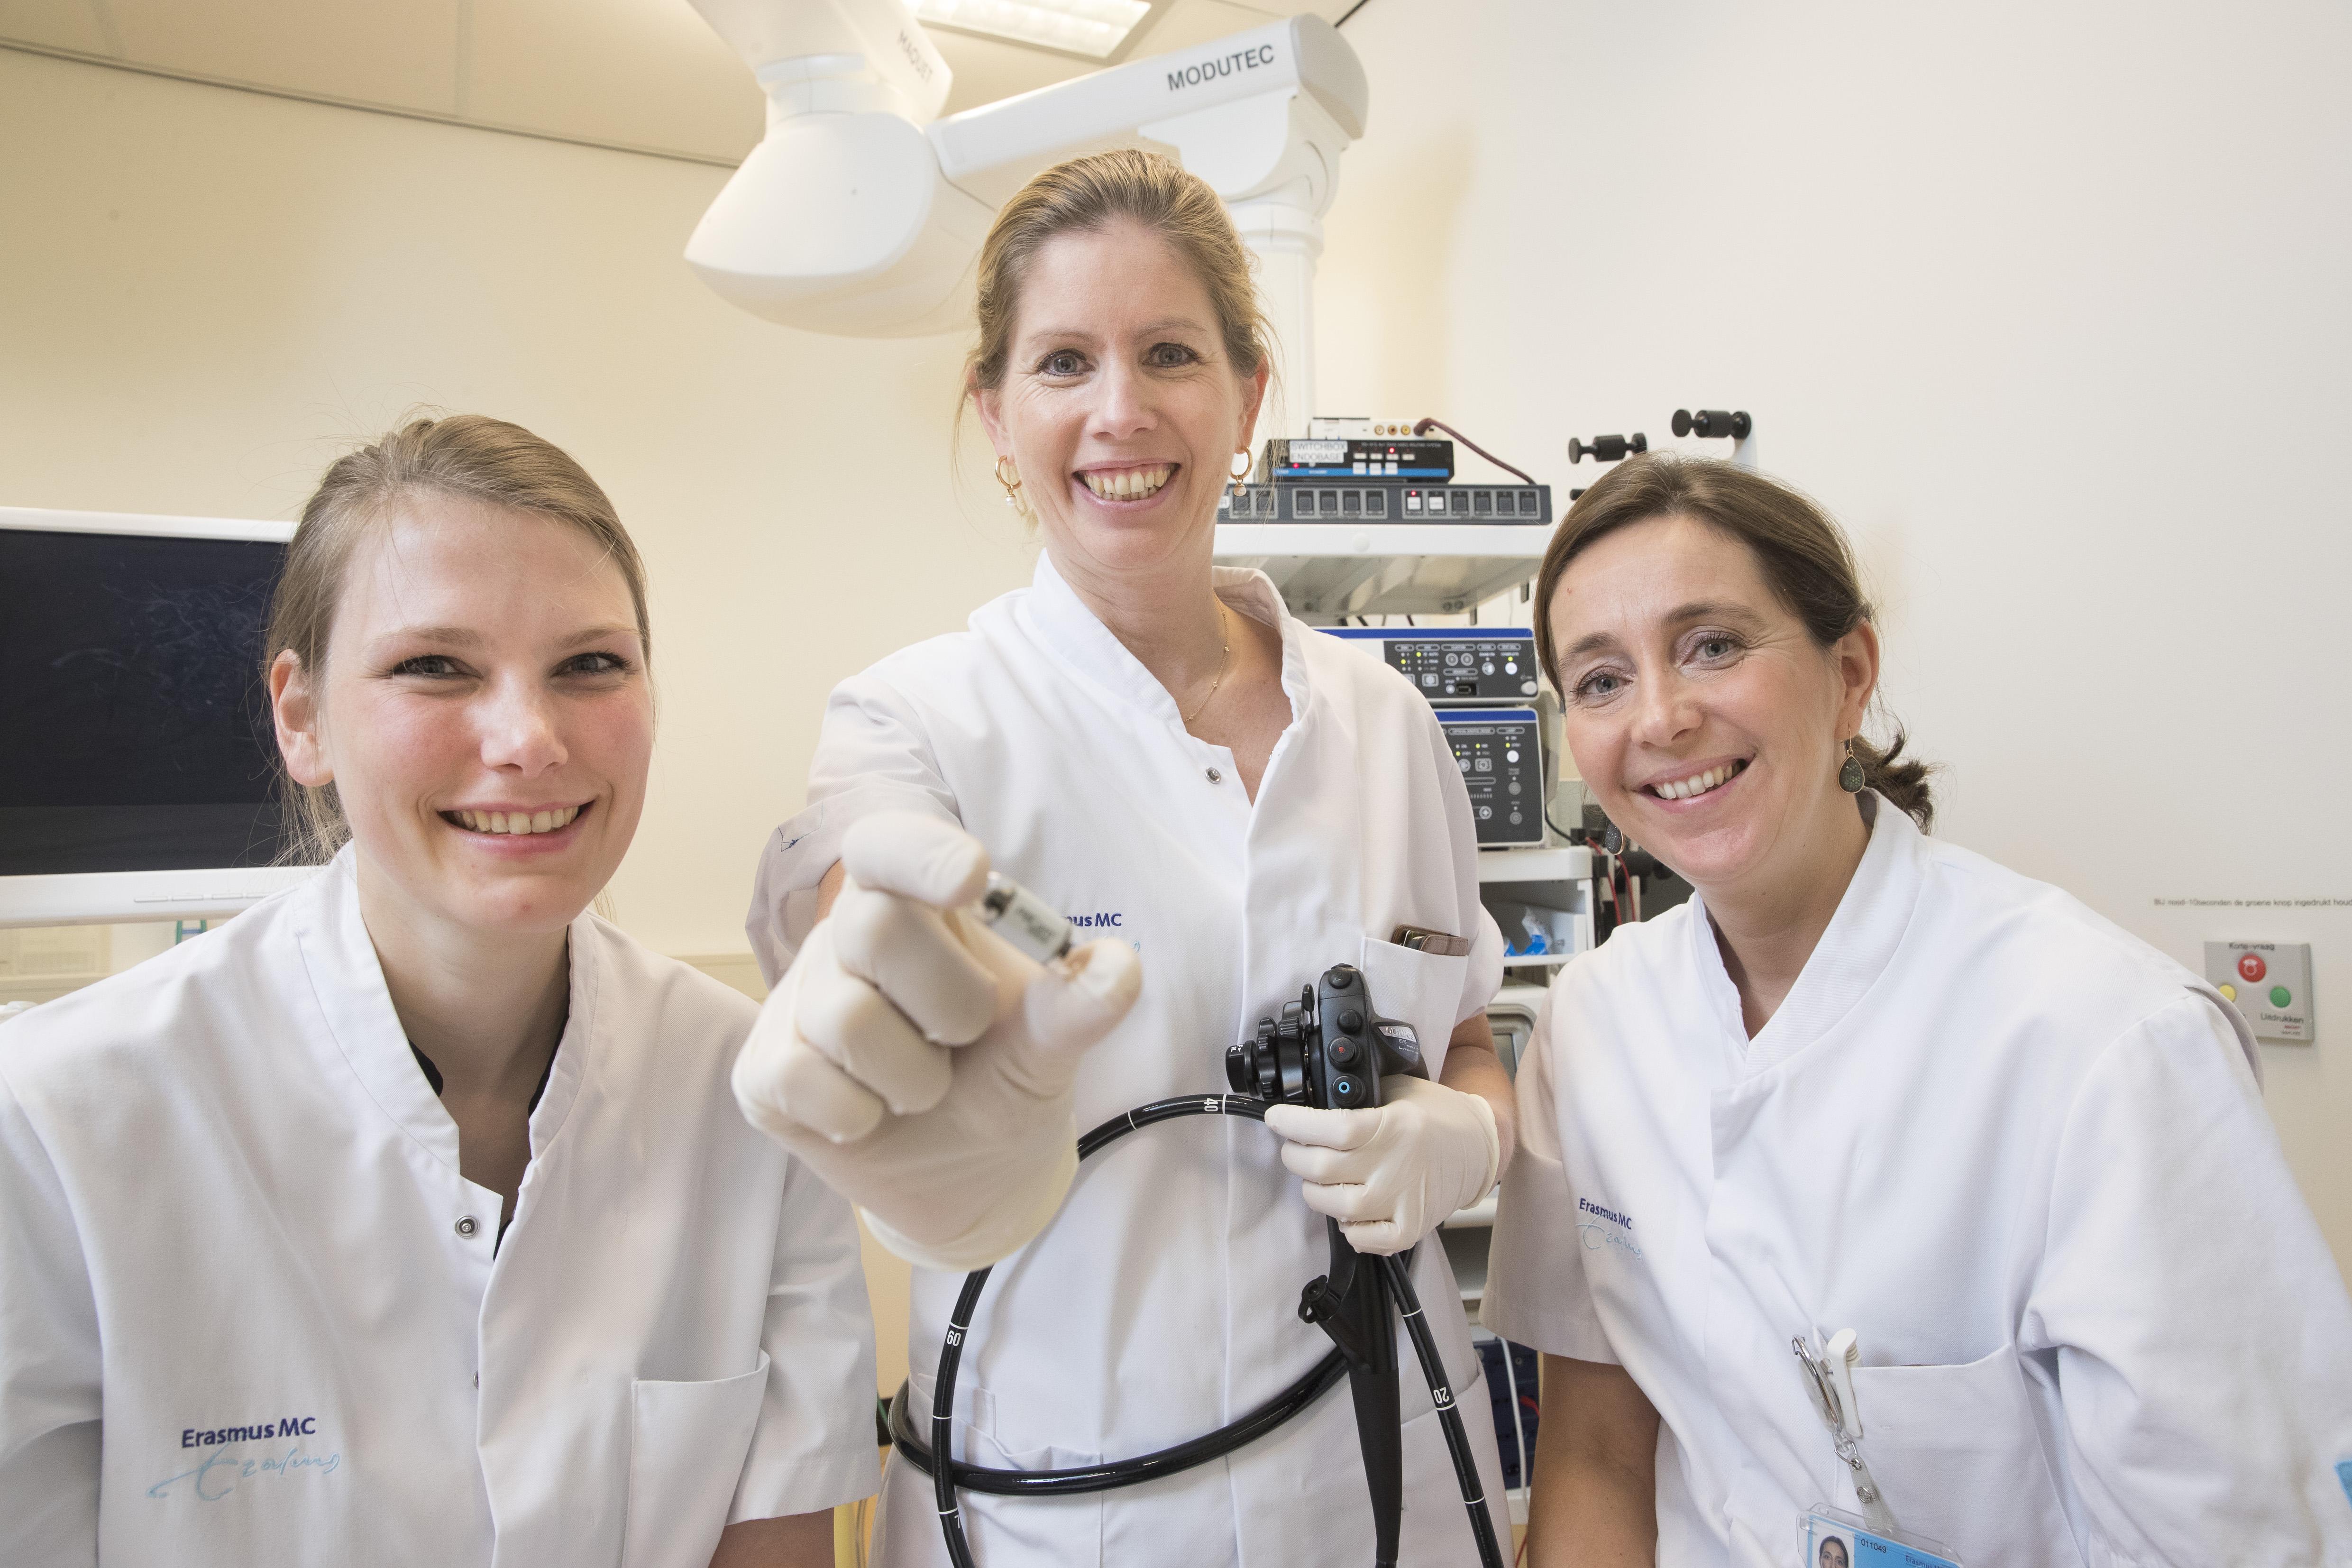 Maag-, Darm- en Leverarts dr. Manon Spaander met de camerapil, geflankeerd door arts-onderzoeker Fanny Vuik (links) en researchverpleegkundige Sophia van Baalen.